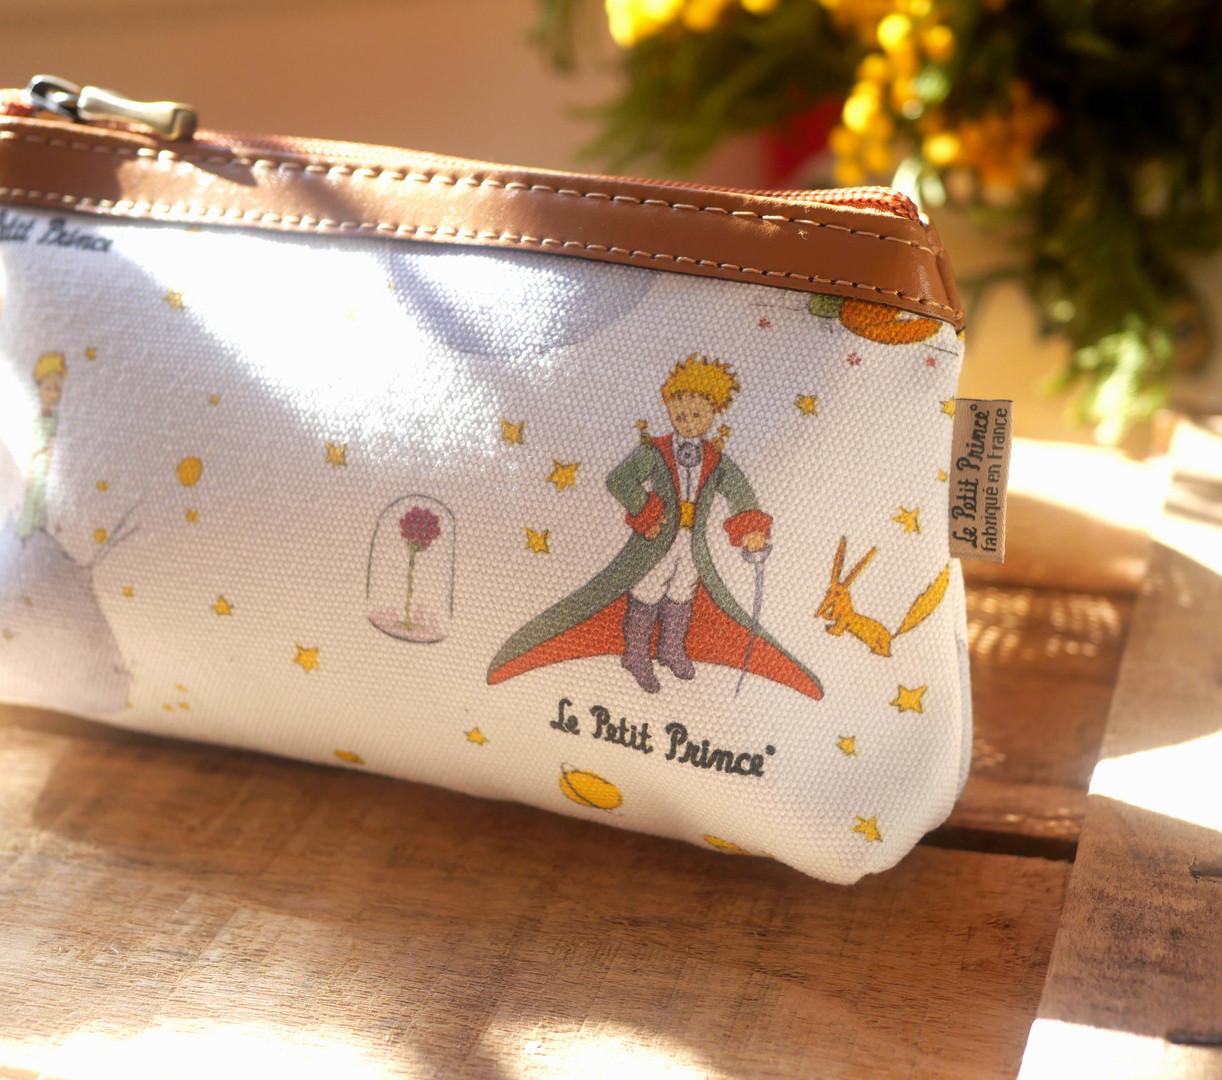 Le Petit Prince trousse maquillage Anoa - Fabrication française - Maison Martin par Royal Tapisserie